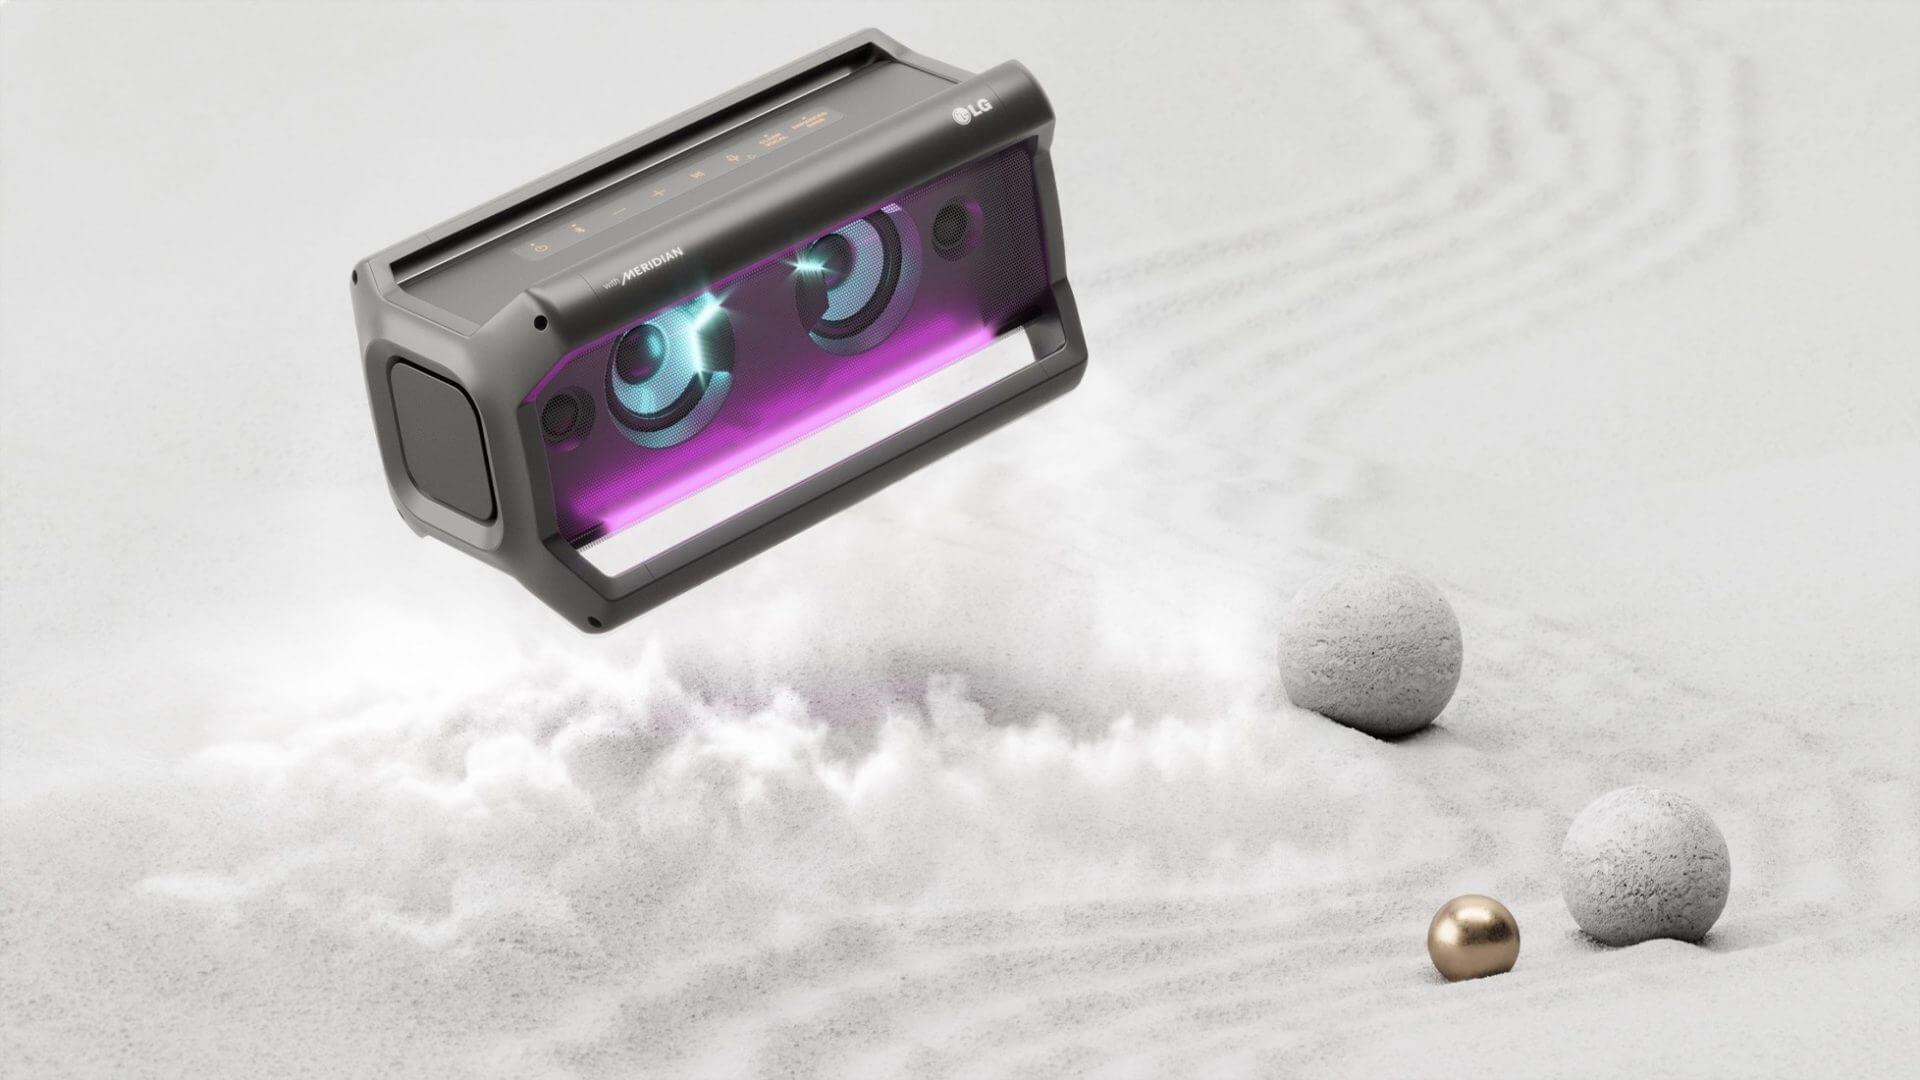 LG Speaker example of 3d design advertising